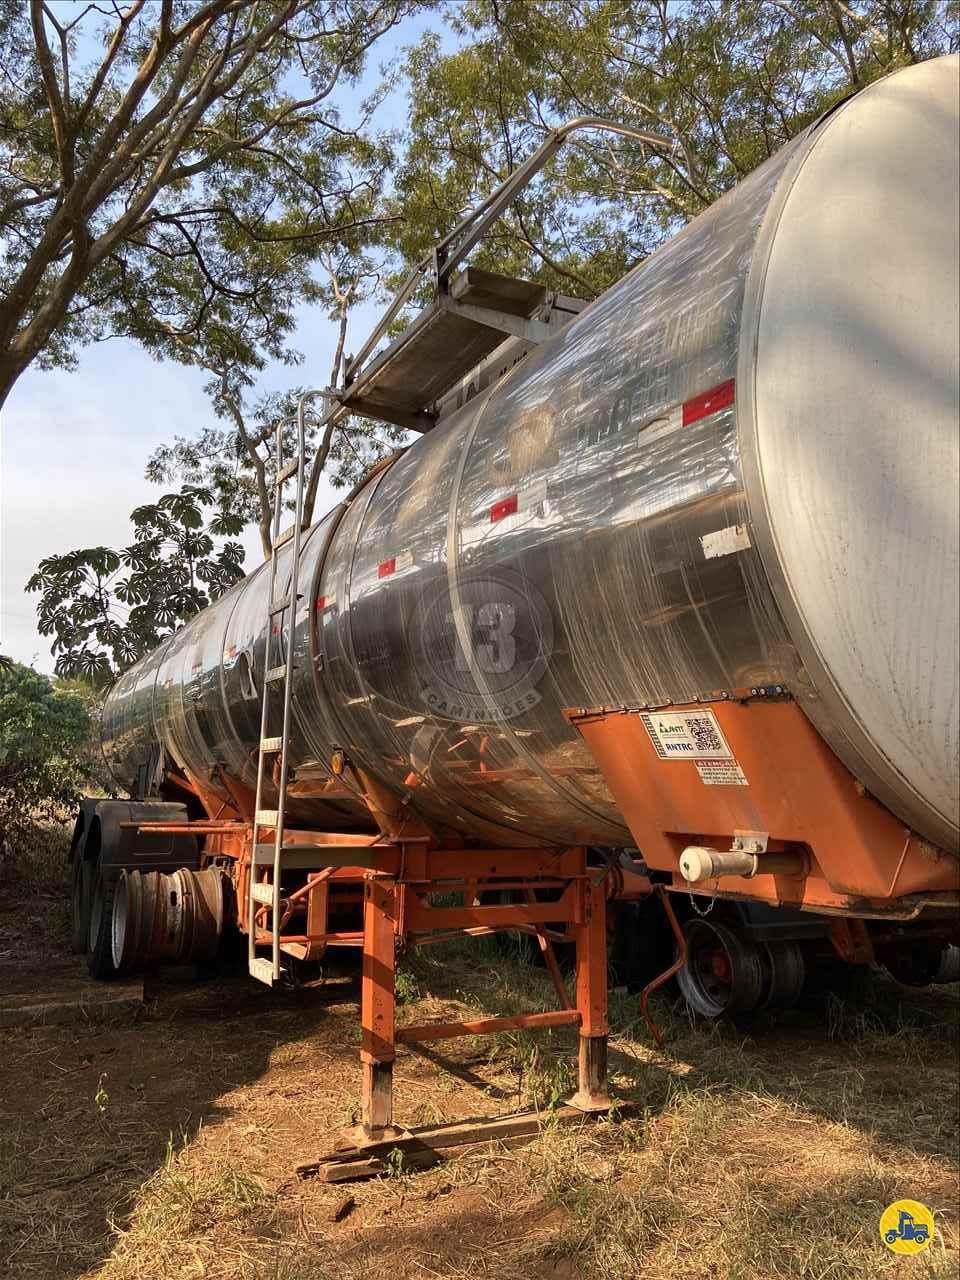 CARRETA SEMI-REBOQUE TANQUE ISOTERMICO 13 Caminhões ARACATUBA SÃO PAULO SP